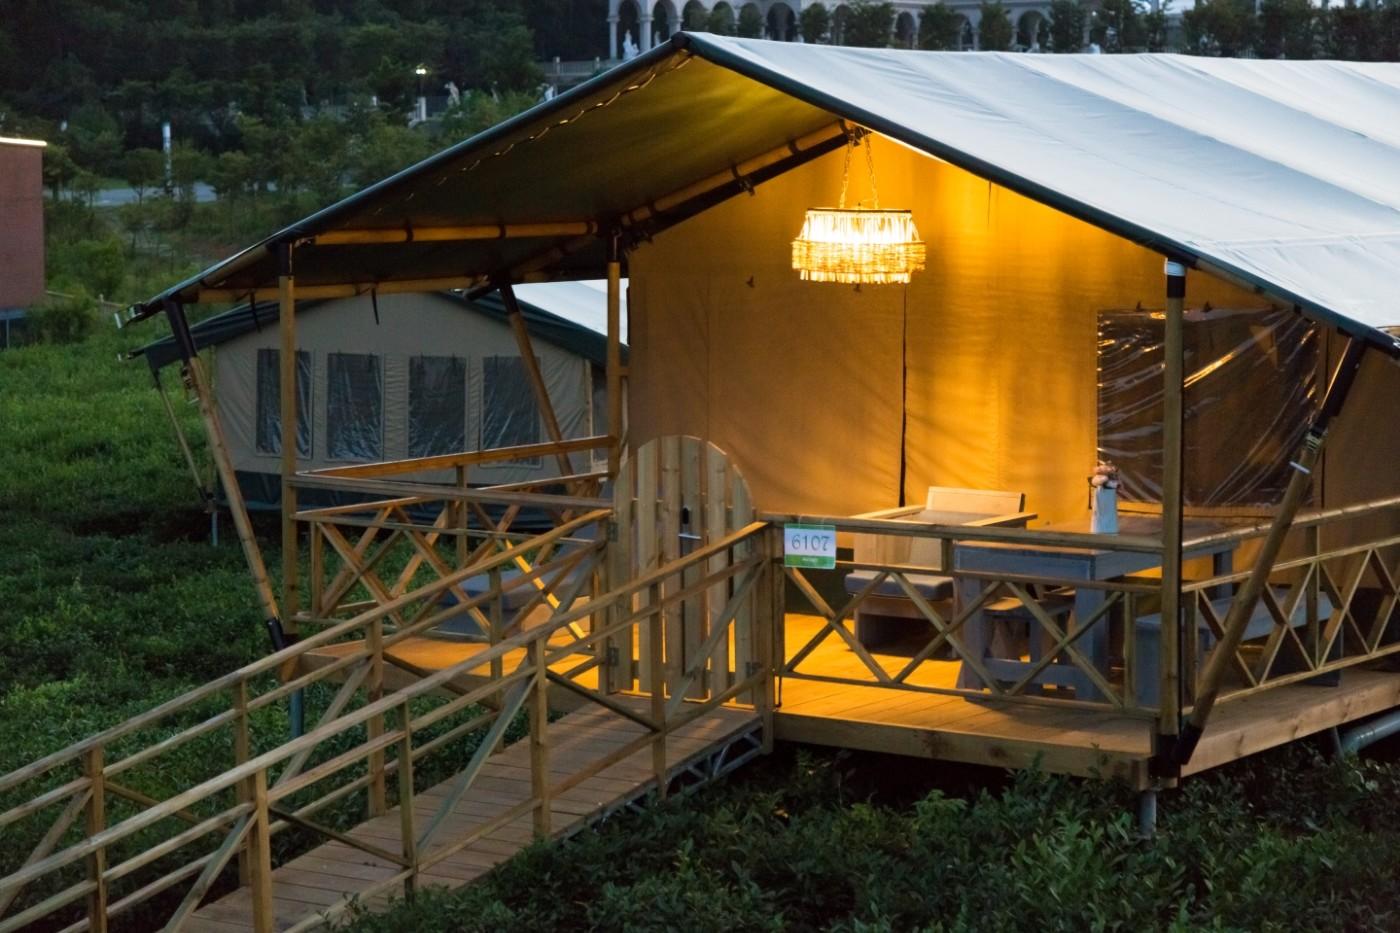 喜马拉雅野奢帐篷酒店—江苏常州茅山宝盛园茶园帐篷酒店26